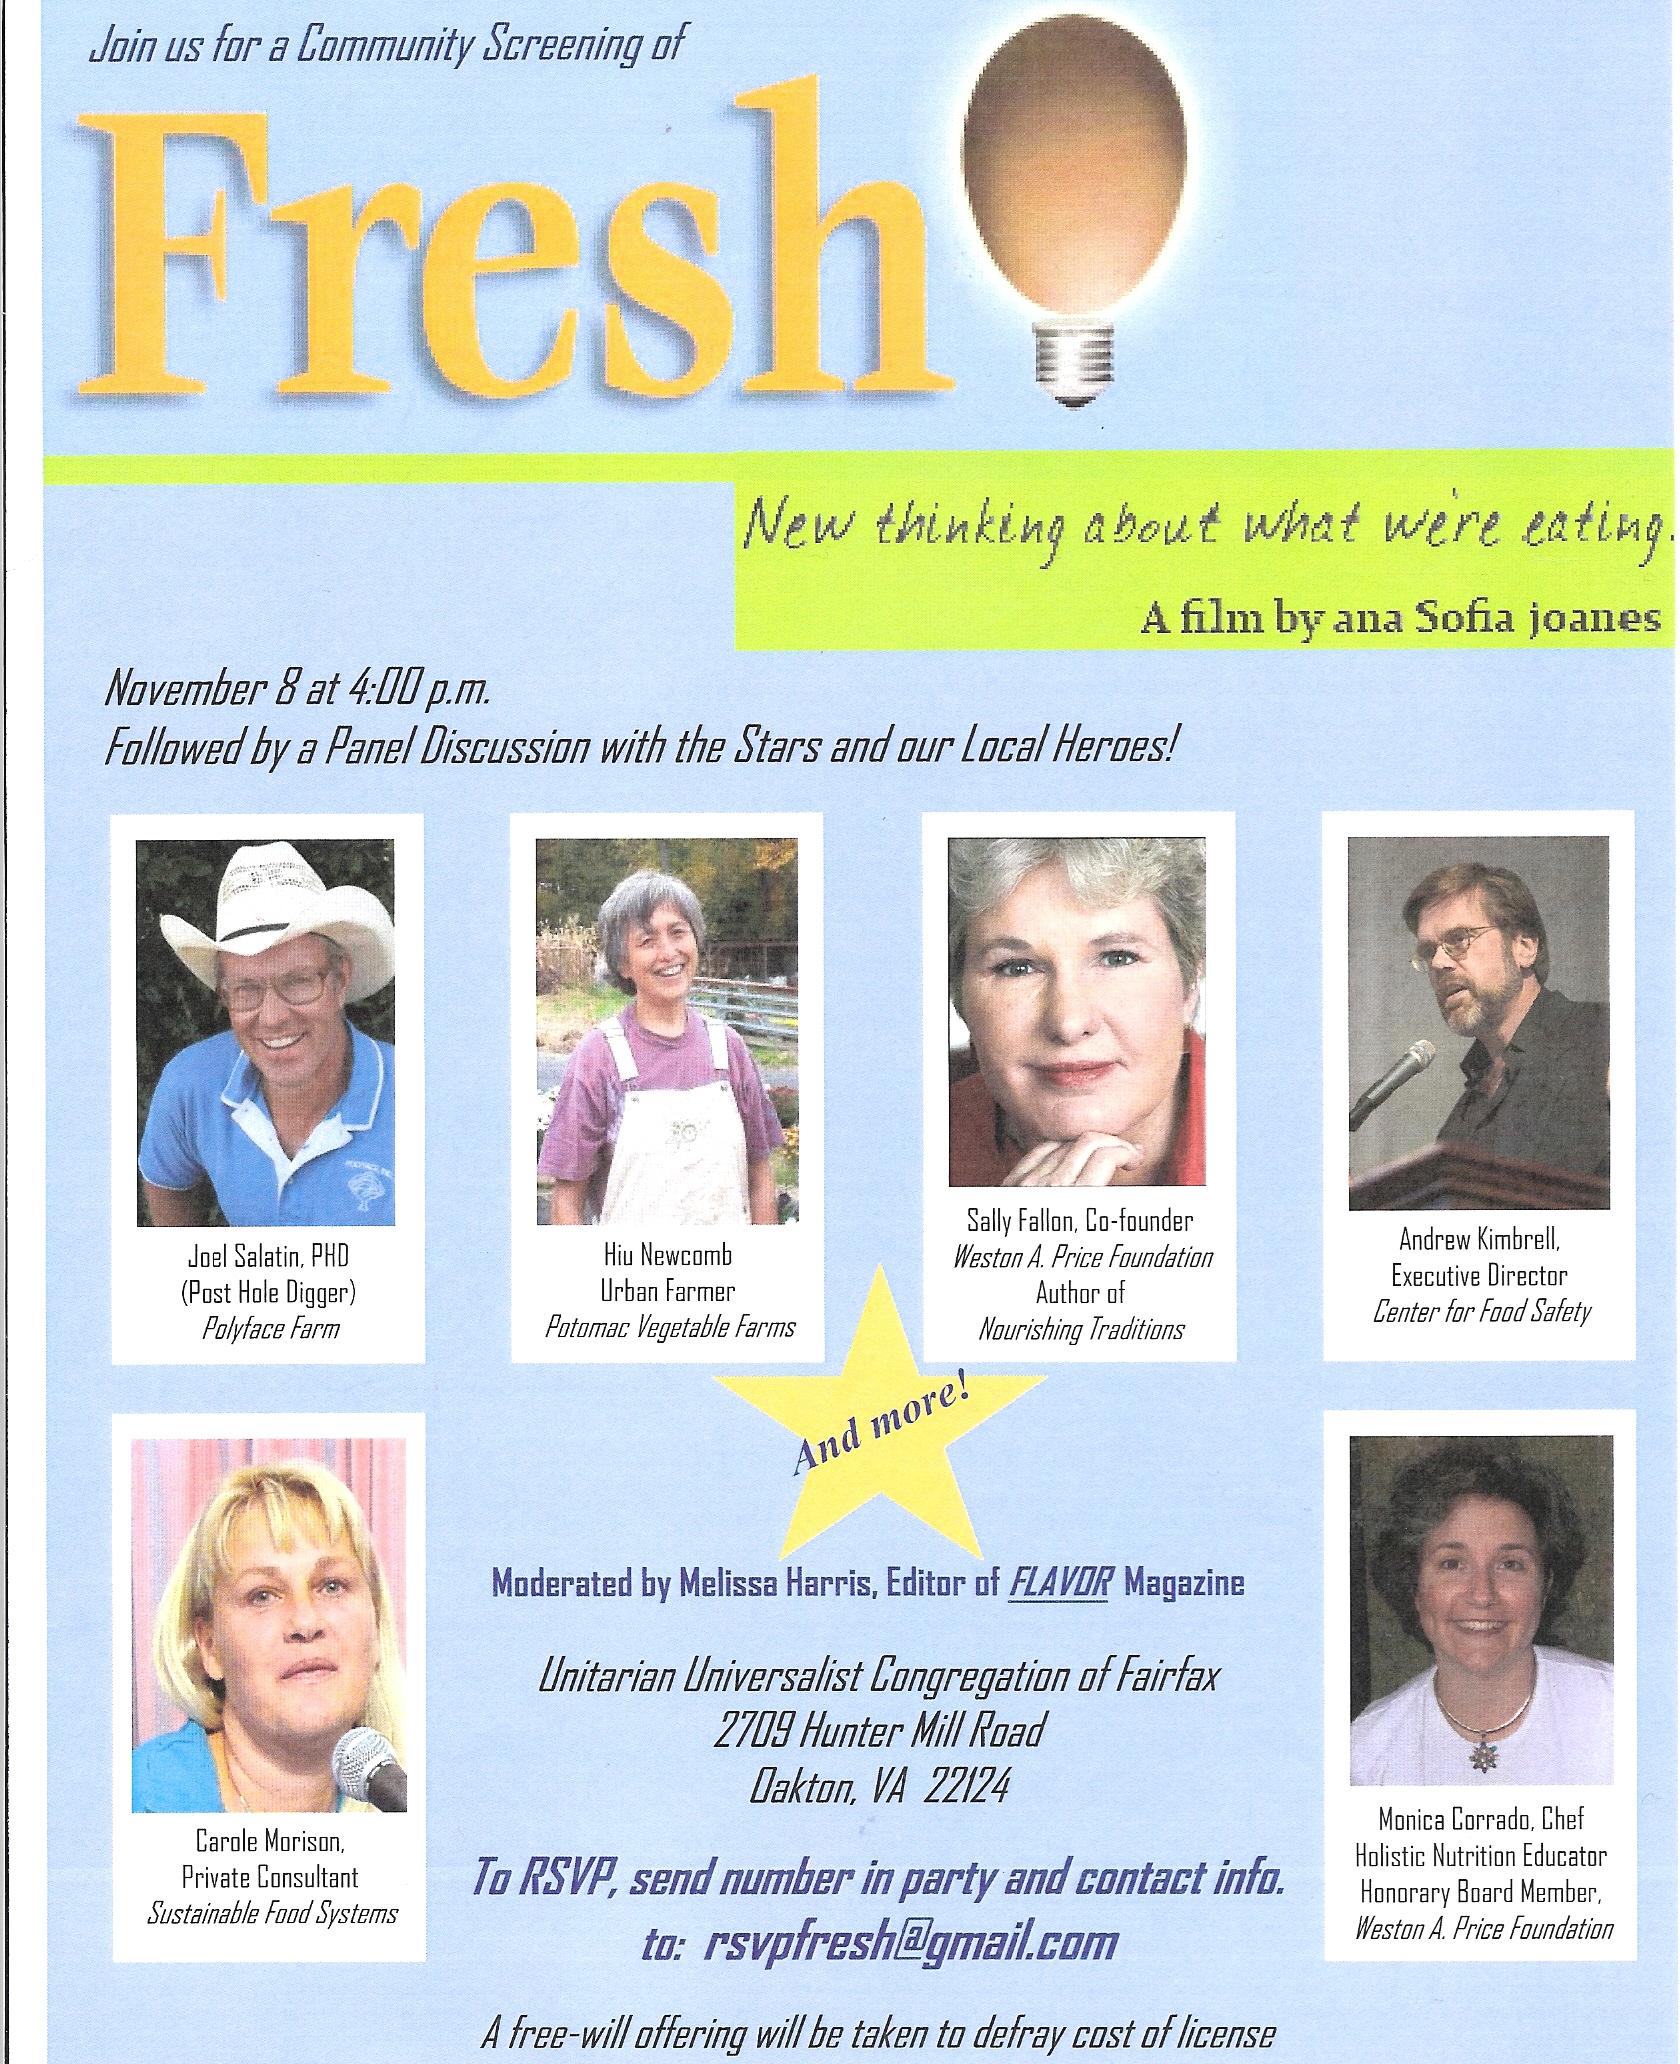 FRESH event Nov 8, 2009